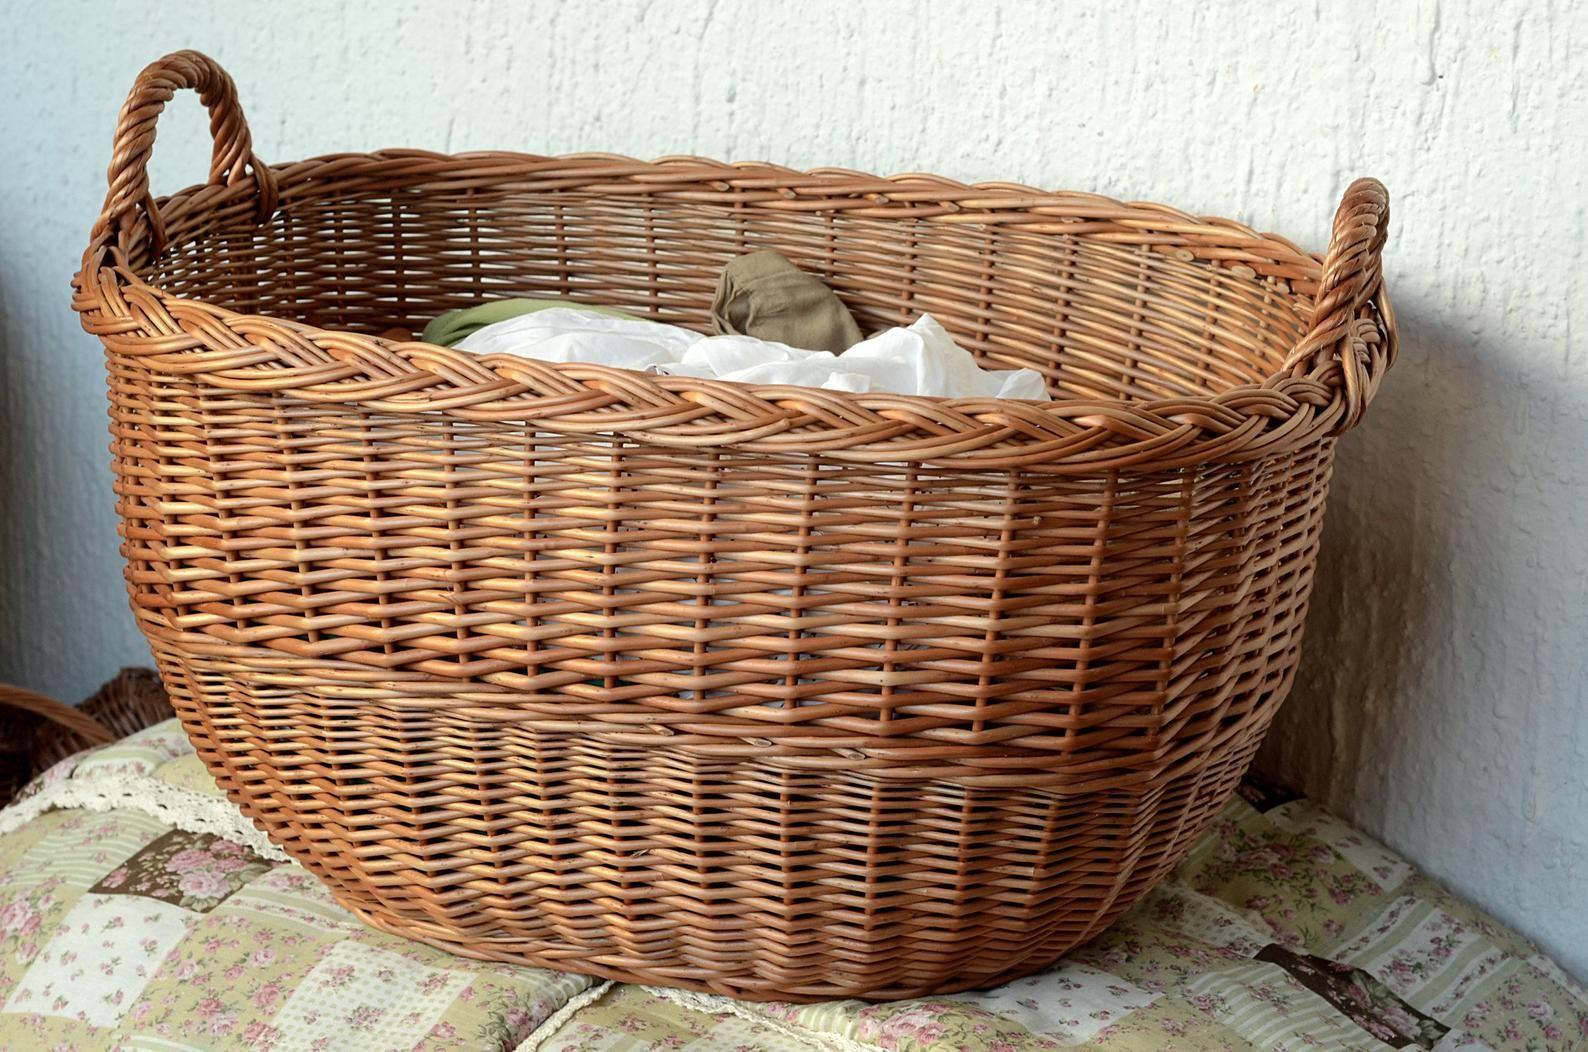 Wicker Waschekorb Handgewebte Aufbewahrungskorb Wasche Hamper Korb Weidenloge Korb Brennholz Korb Wicker Kiste Korb Zwei Griffe Laundry Basket Wicker Laundry Basket Wicker